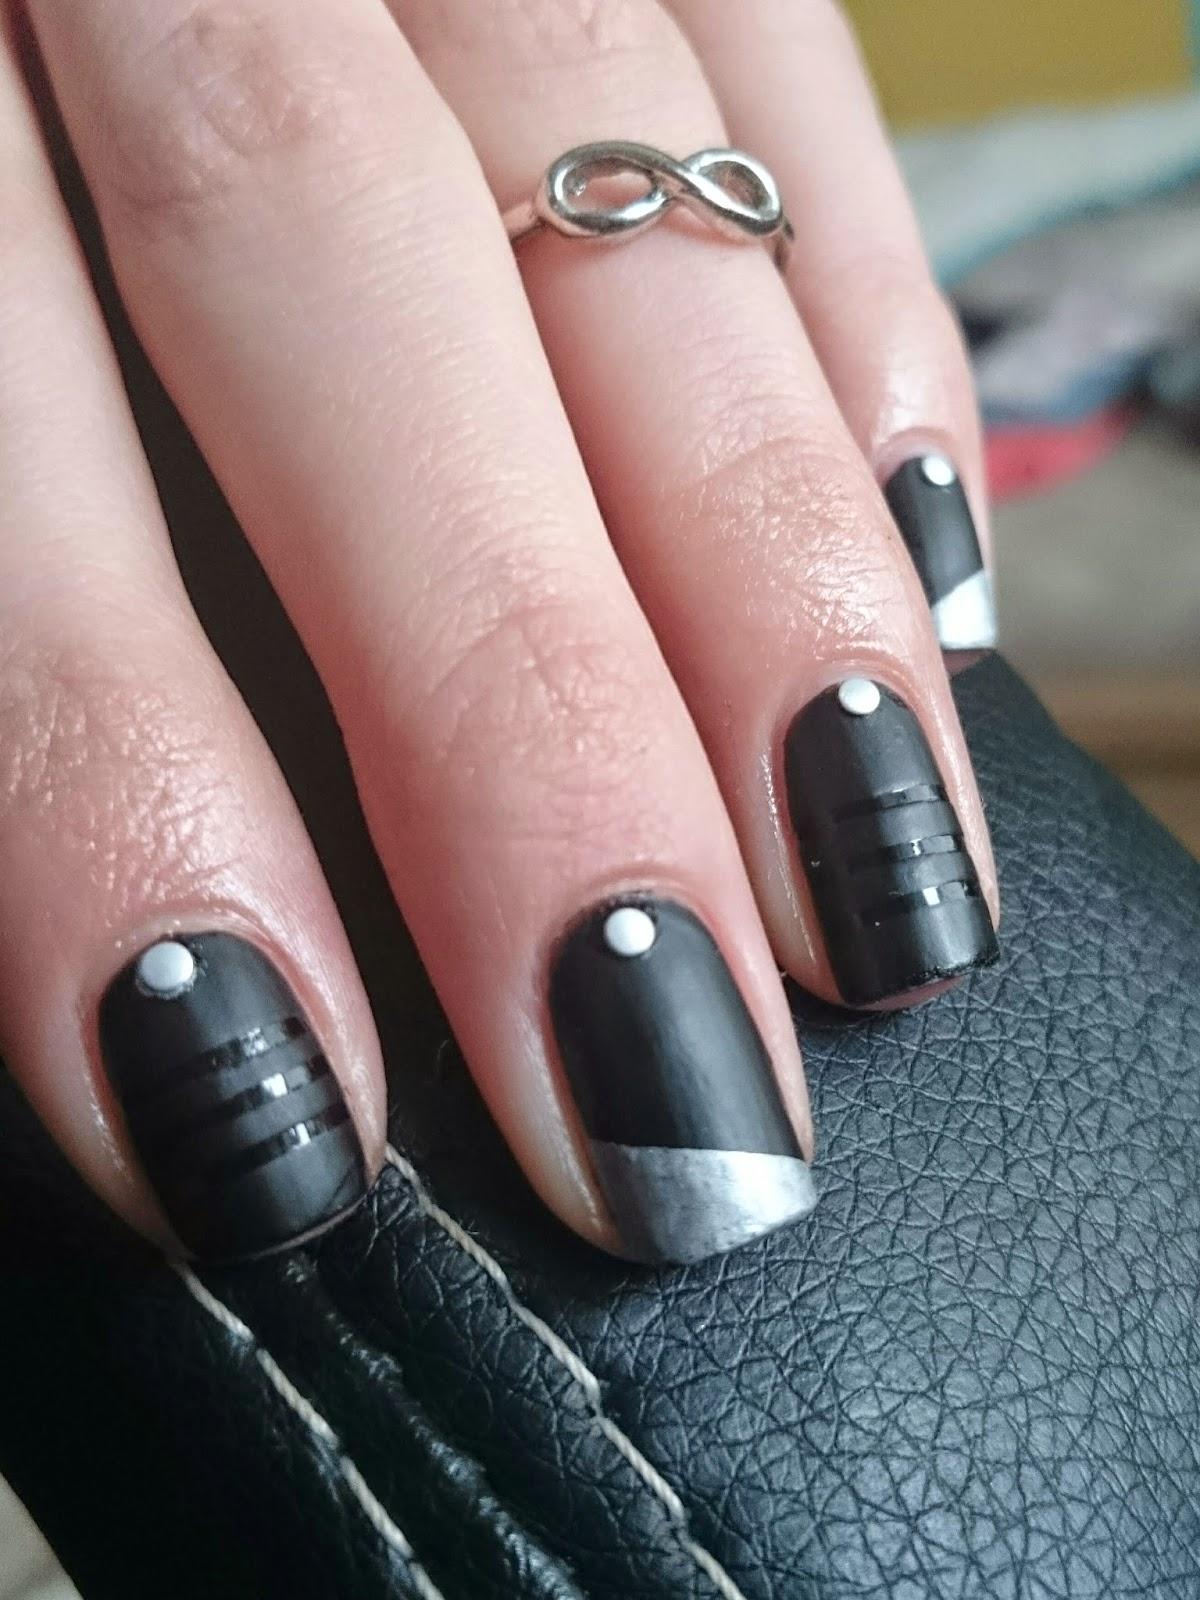 Fingernails 4 you